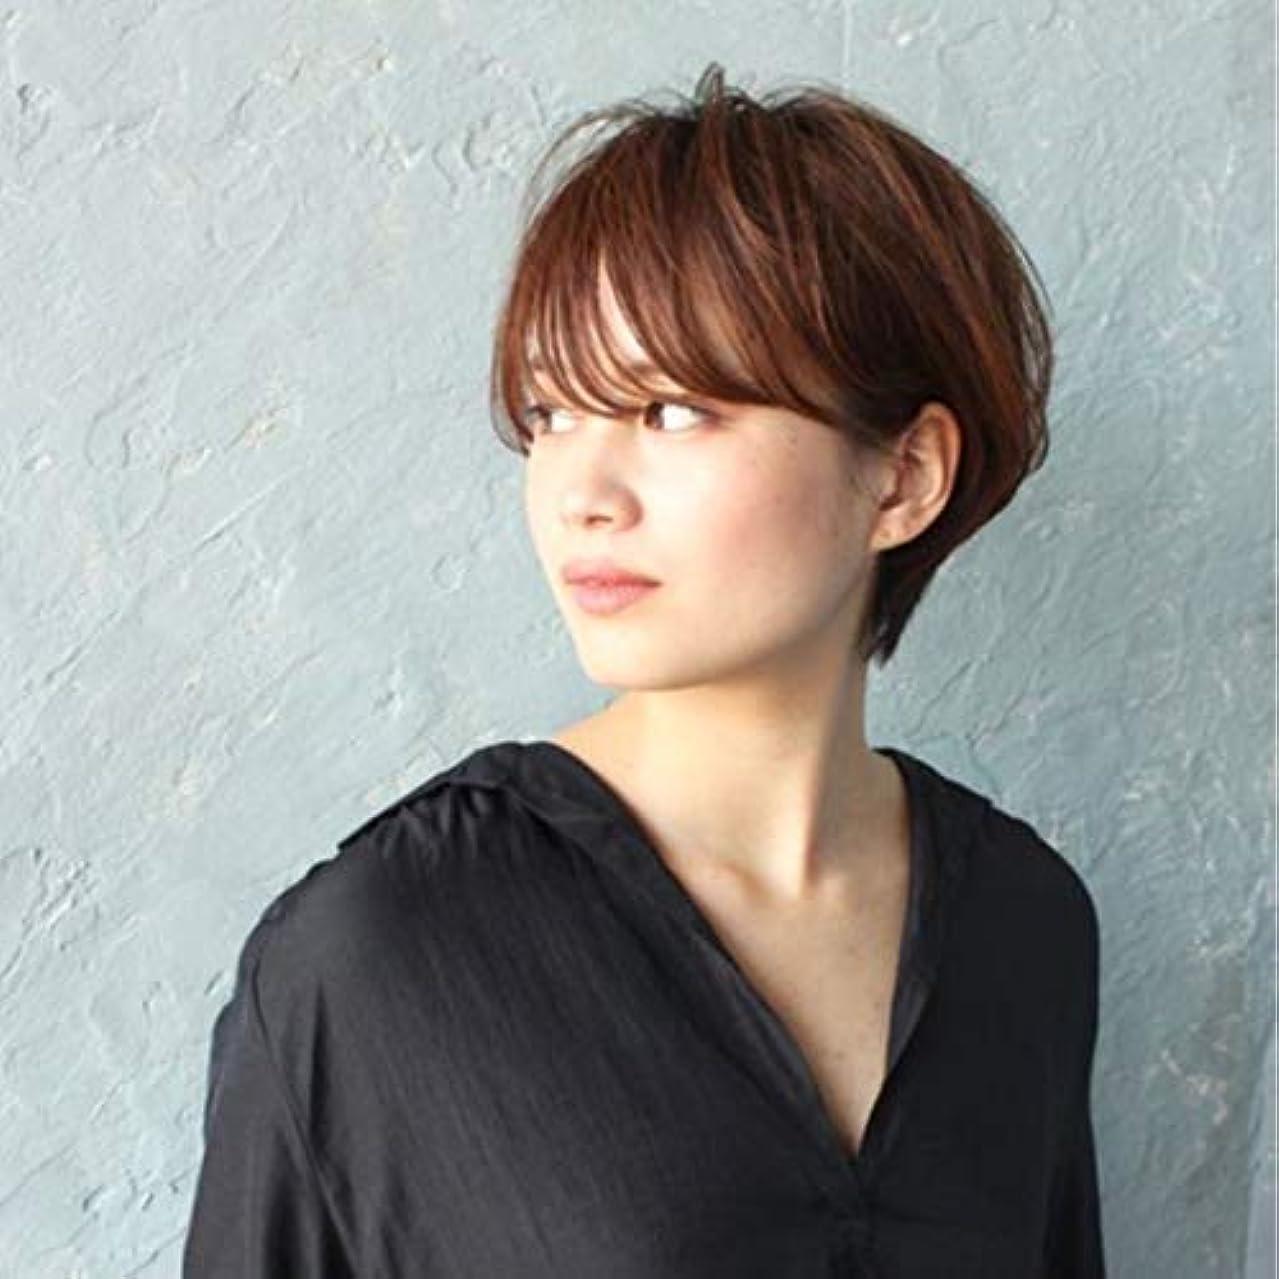 ドラゴン配送農学Kerwinner ウィッグショートヘア斜め前髪ウィッグヘッドギア自然に見える耐熱性女性用 (Color : Light brown)